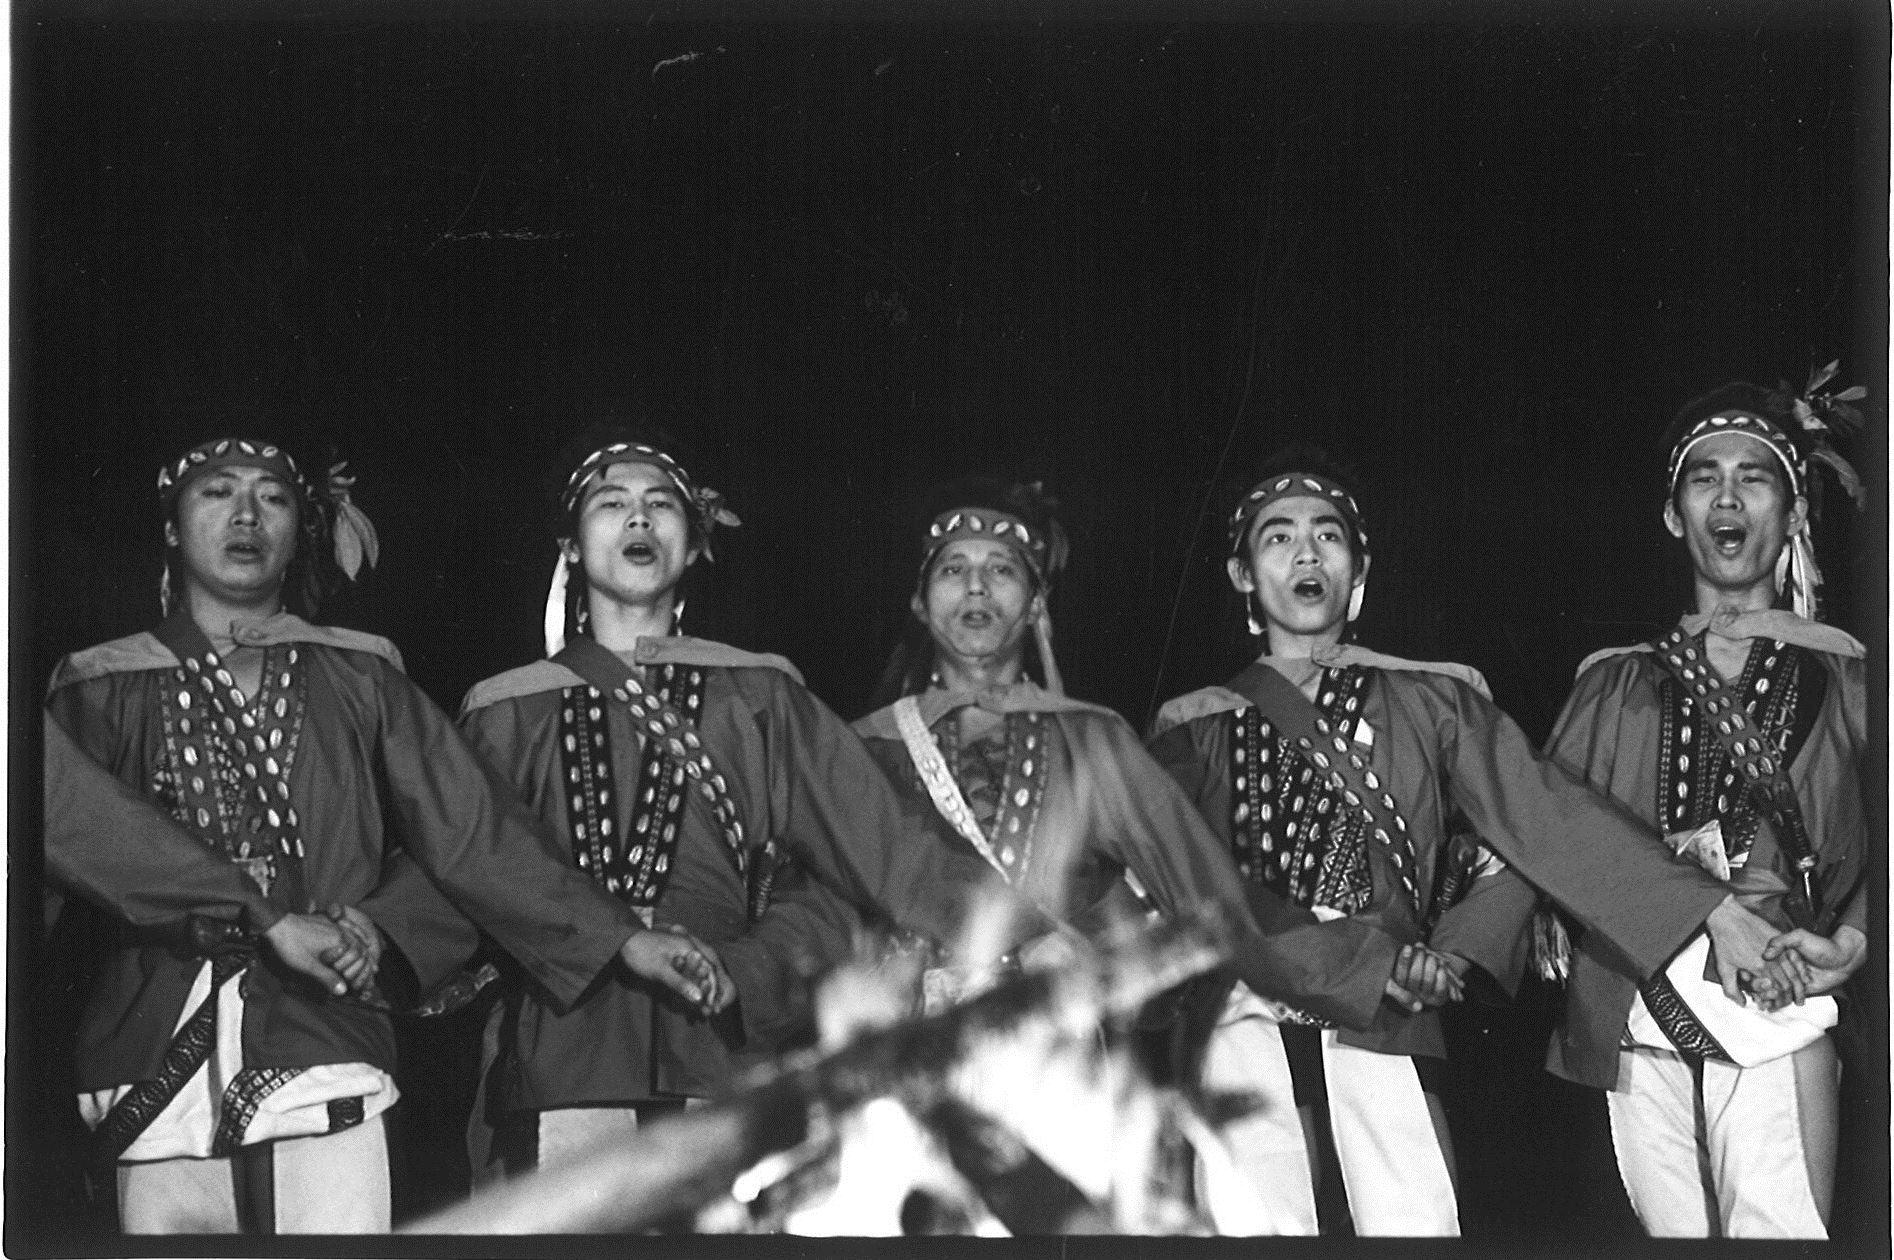 1990 國際舞蹈學院舞蹈節